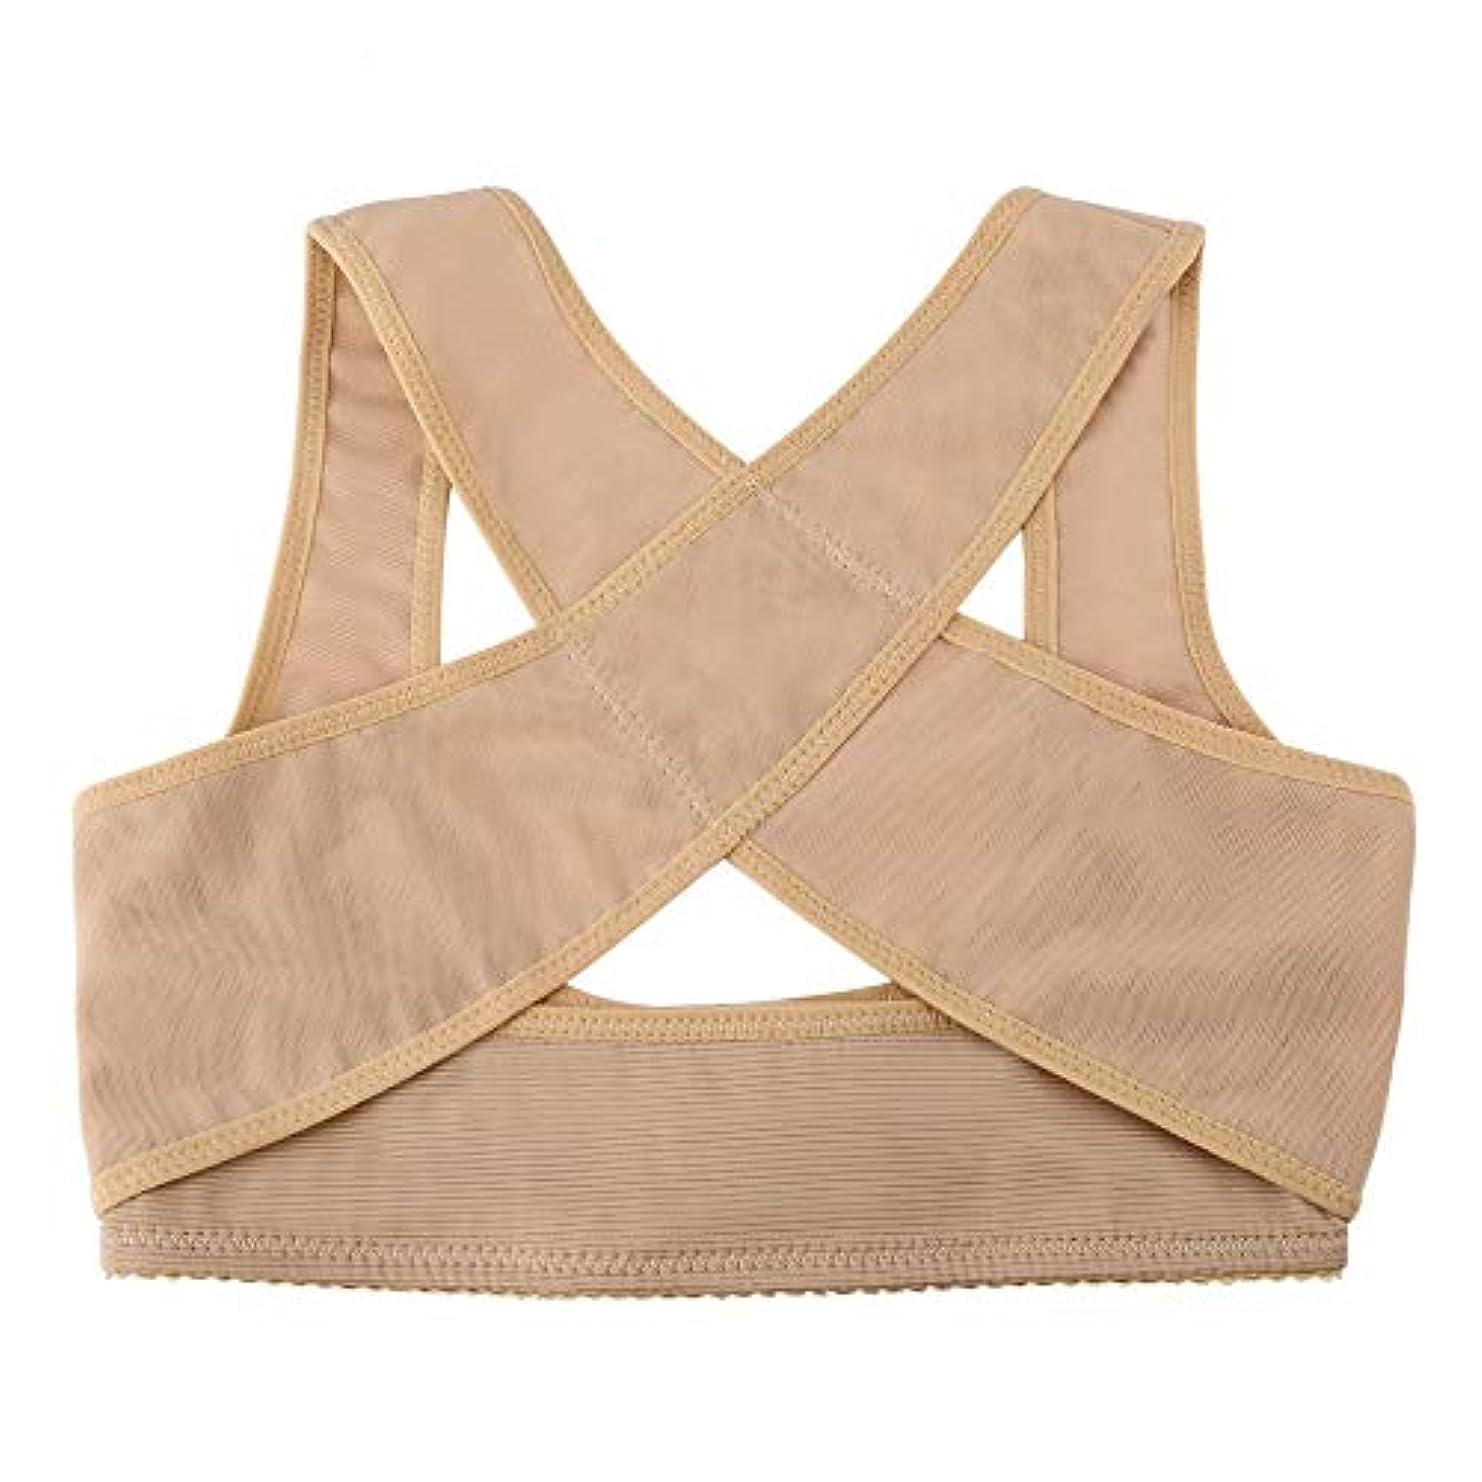 できればオーガニック特に調節可能な伸縮性がある背部女性ベルトサポート姿勢補正装置支柱サポート姿勢肩補正装置ヘルスケア